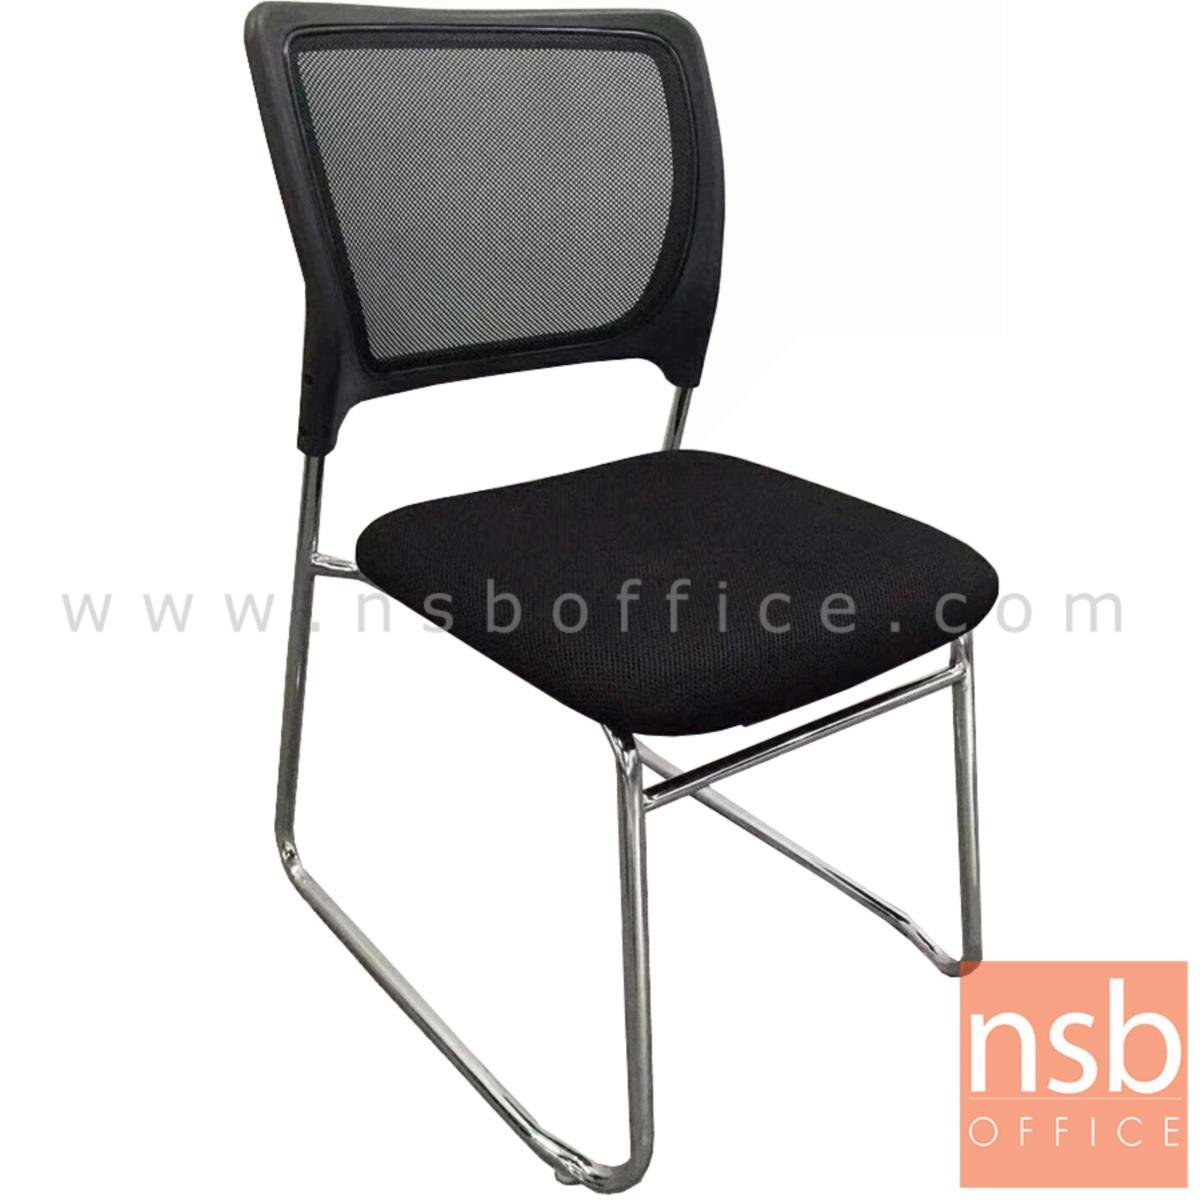 B04A179:เก้าอี้รับแขกขาตัวยู รุ่น Erhard (เออร์ฮาร์ด)  ขาเหล็กชุบโครเมี่ยม